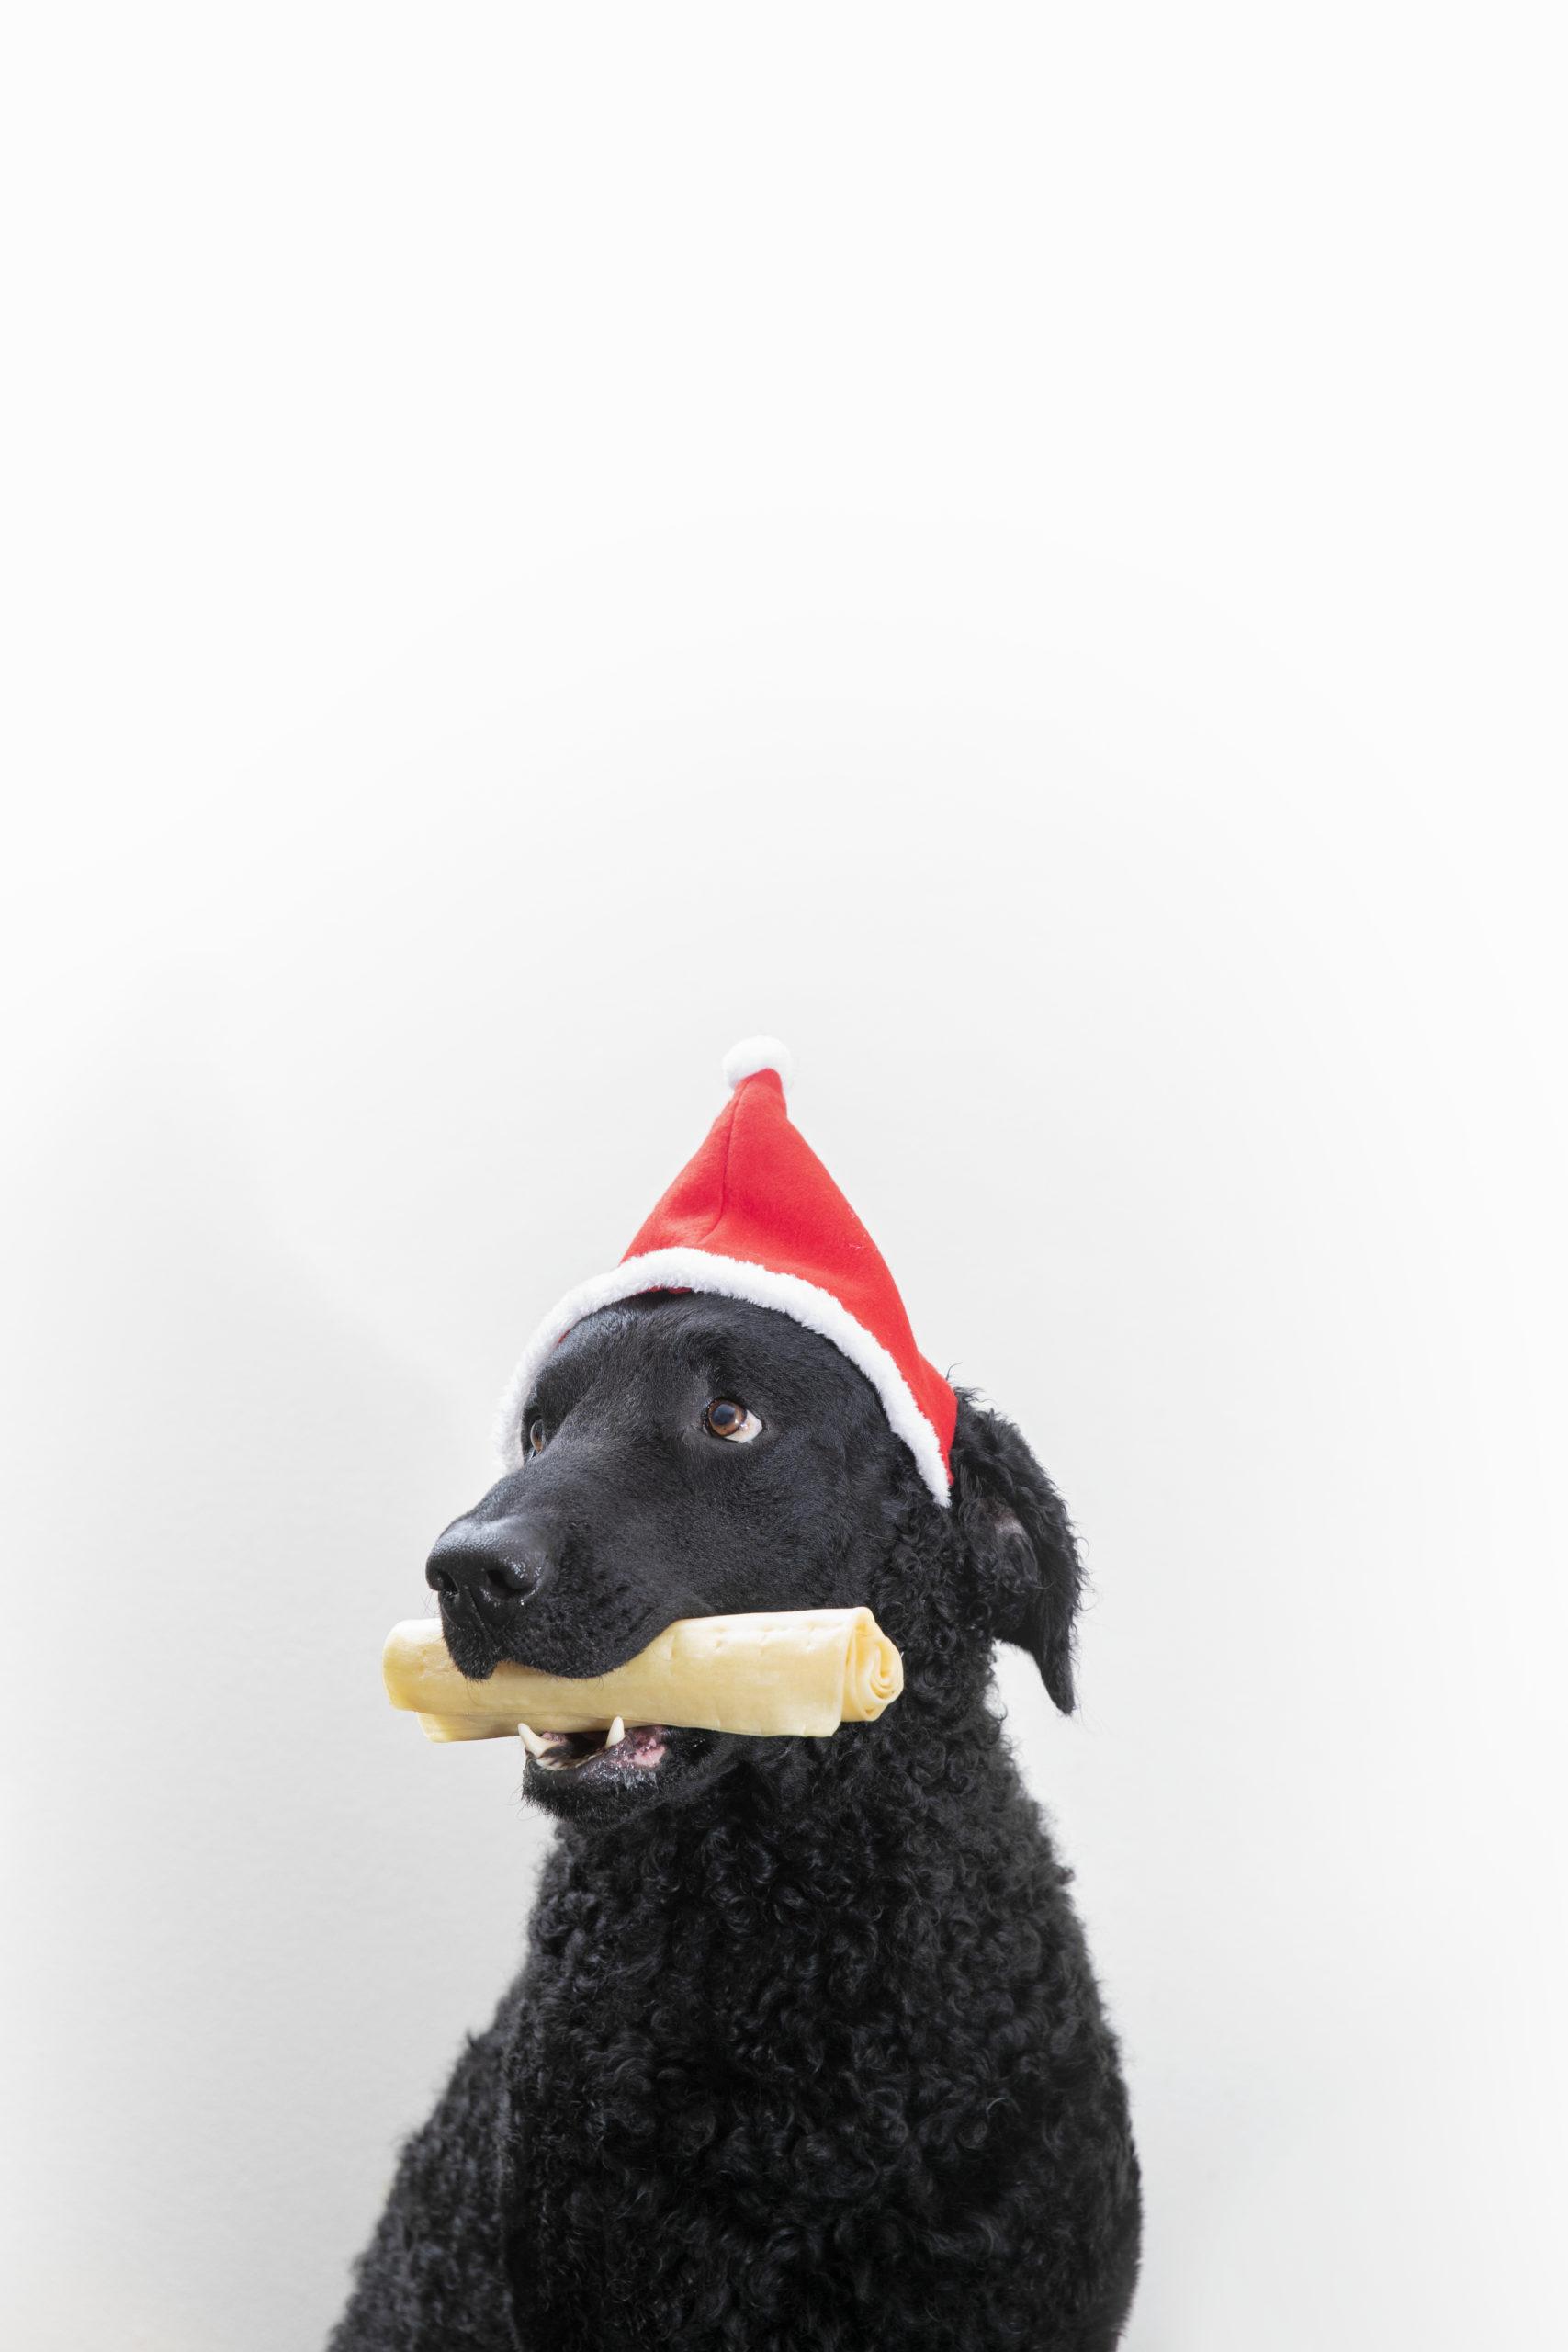 Kahdeksan vinkkiä onnistuneisiin joulukorttikuviin koiran kanssa